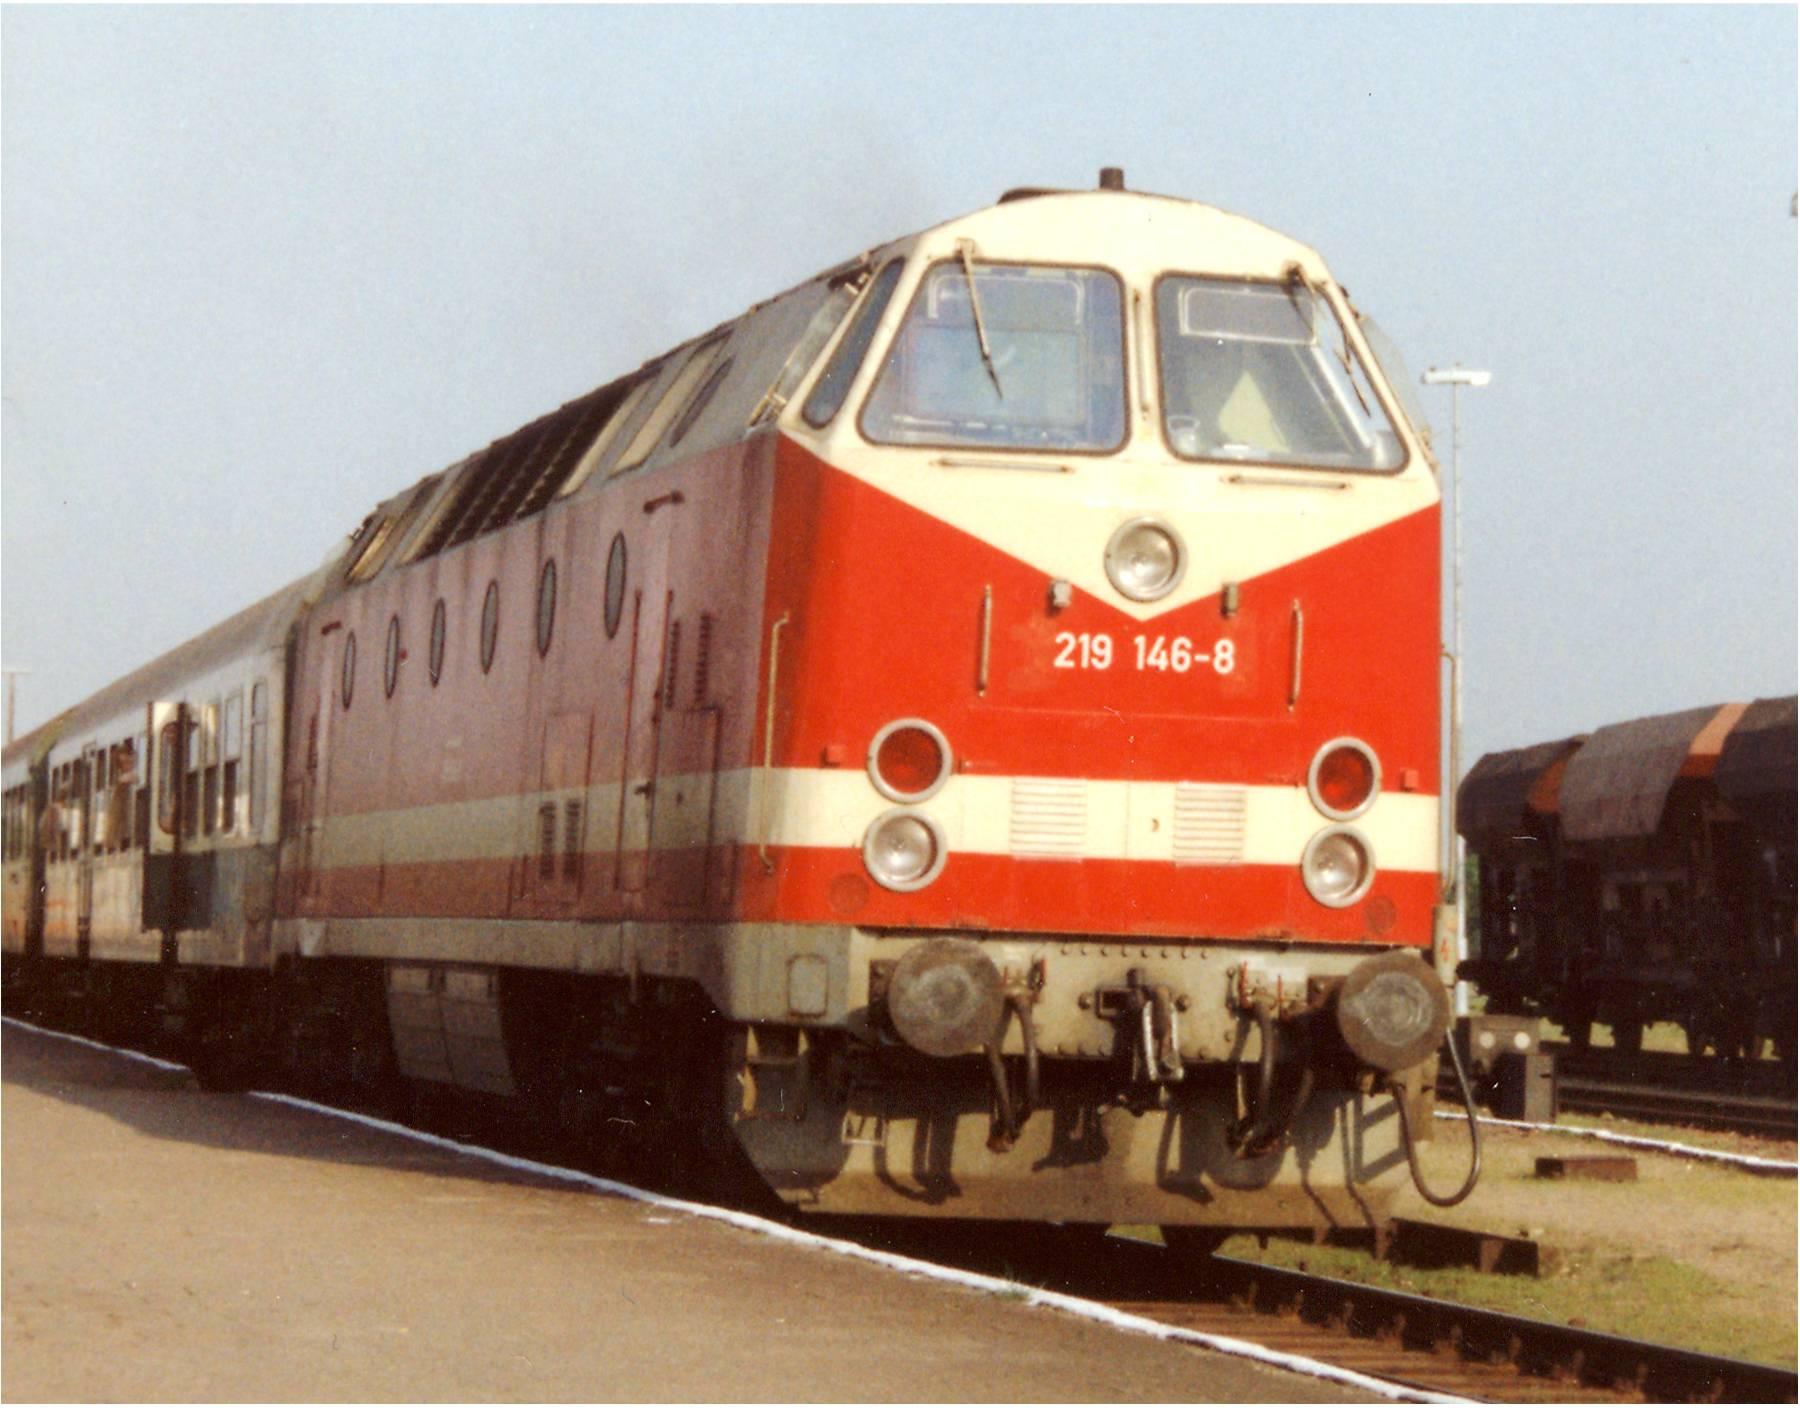 DB-Baureihe 219